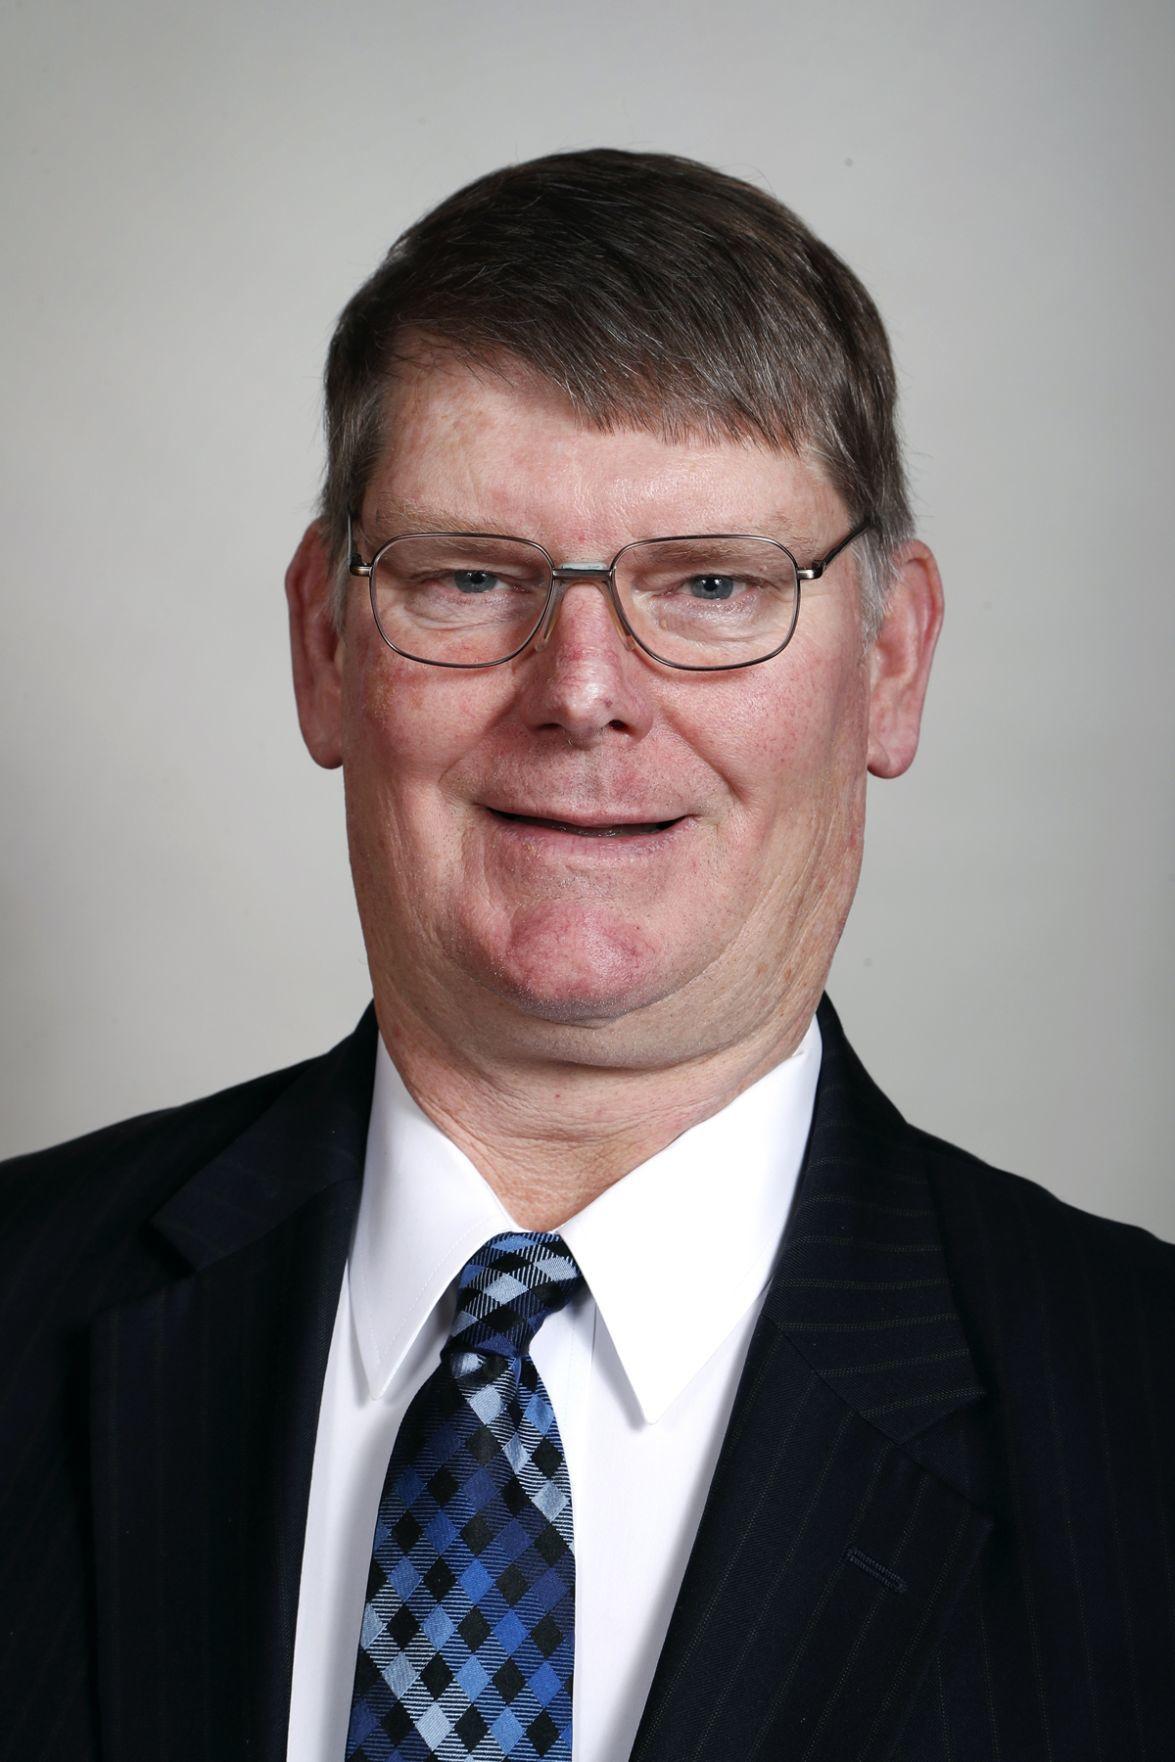 Iowa state Rep. Ross Paustian